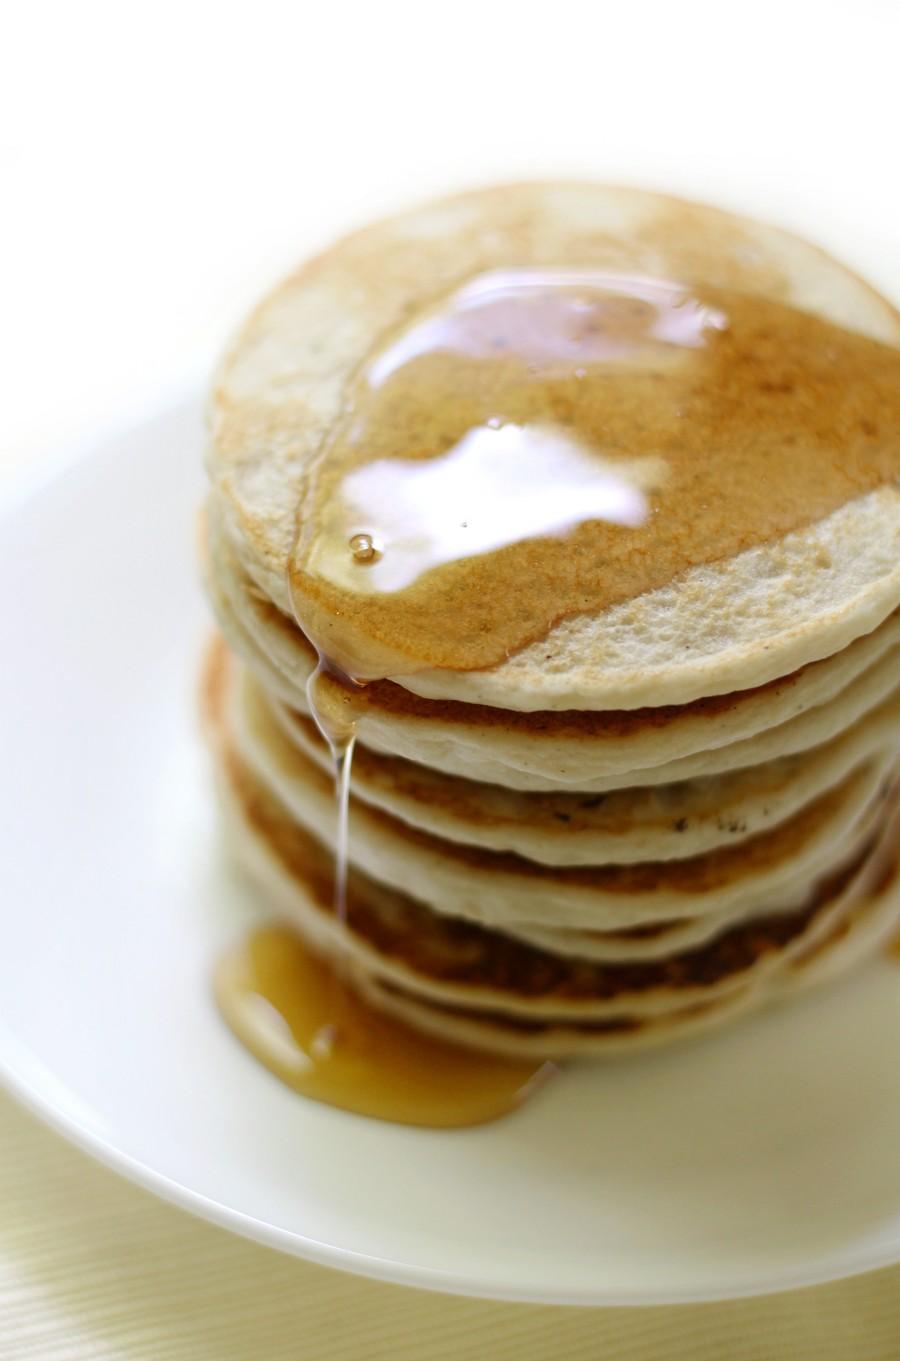 pancake-stack-syrup-drip